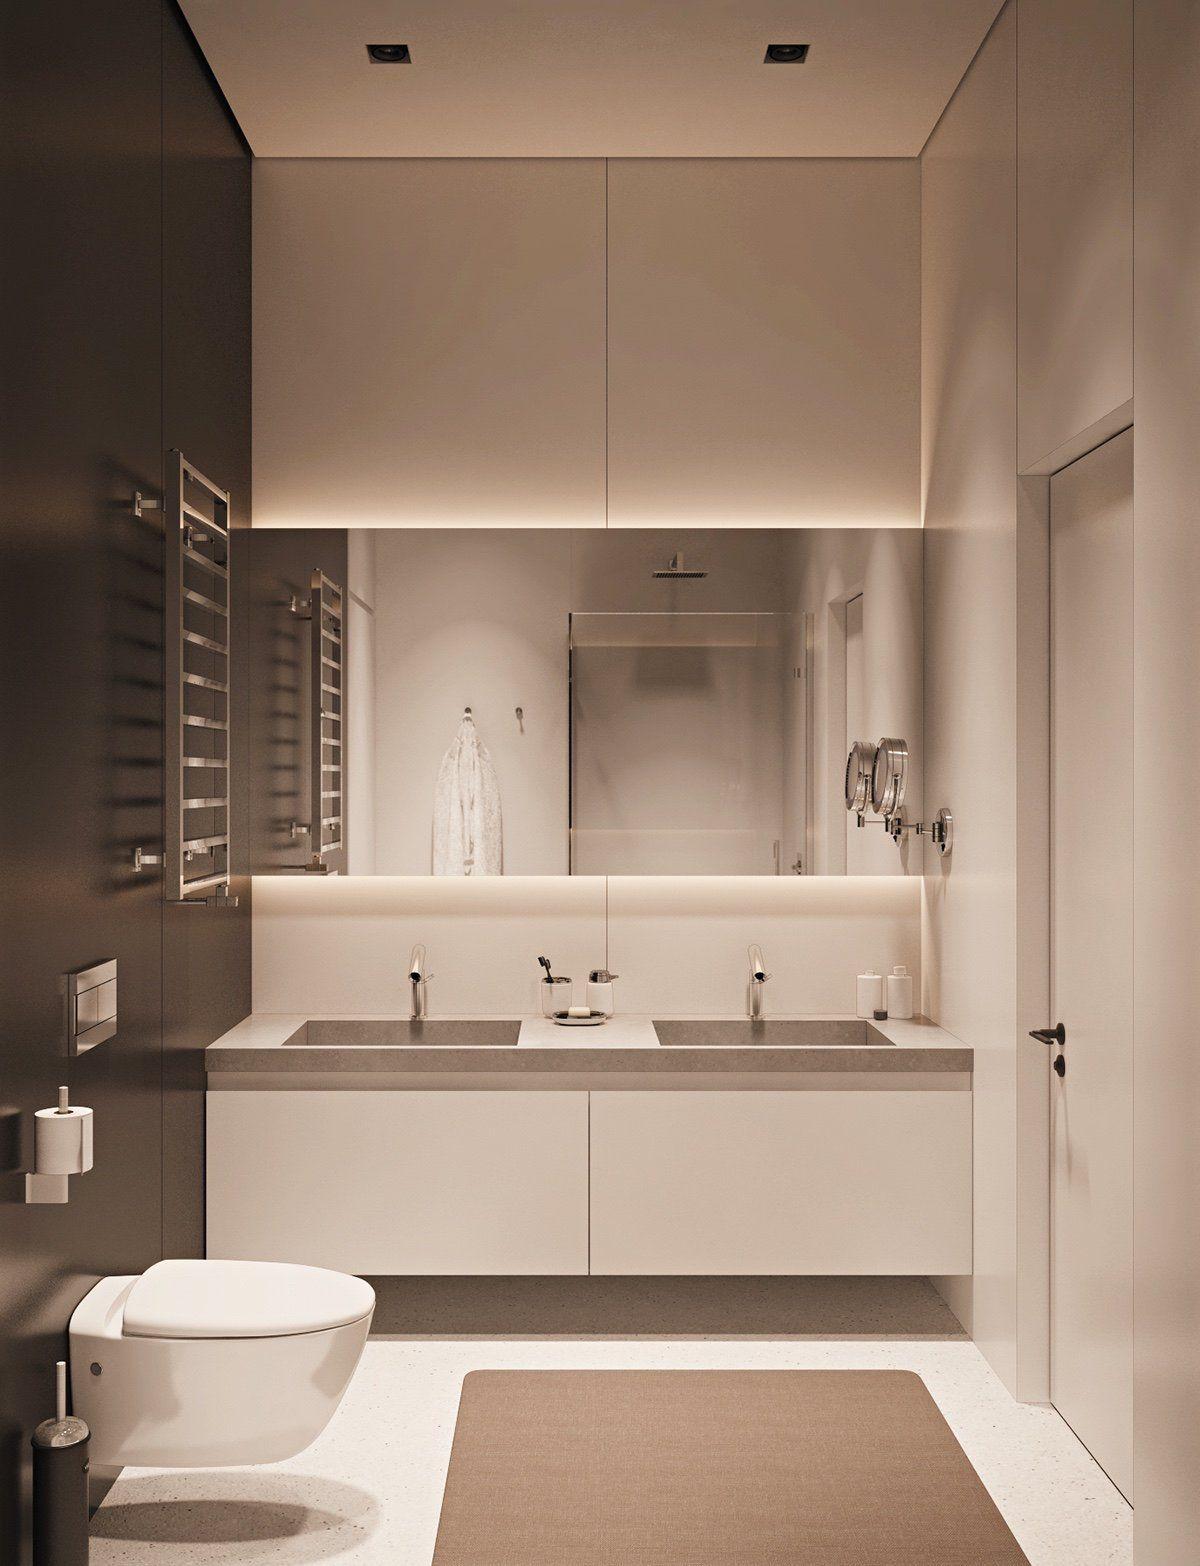 Homedesigning Small Space Luxury Three Modern Apartments Under 40 Square Met Projeto Moderno Para Casa De Banho Banheiro Estilo Moderno Projeto Do Banheiro